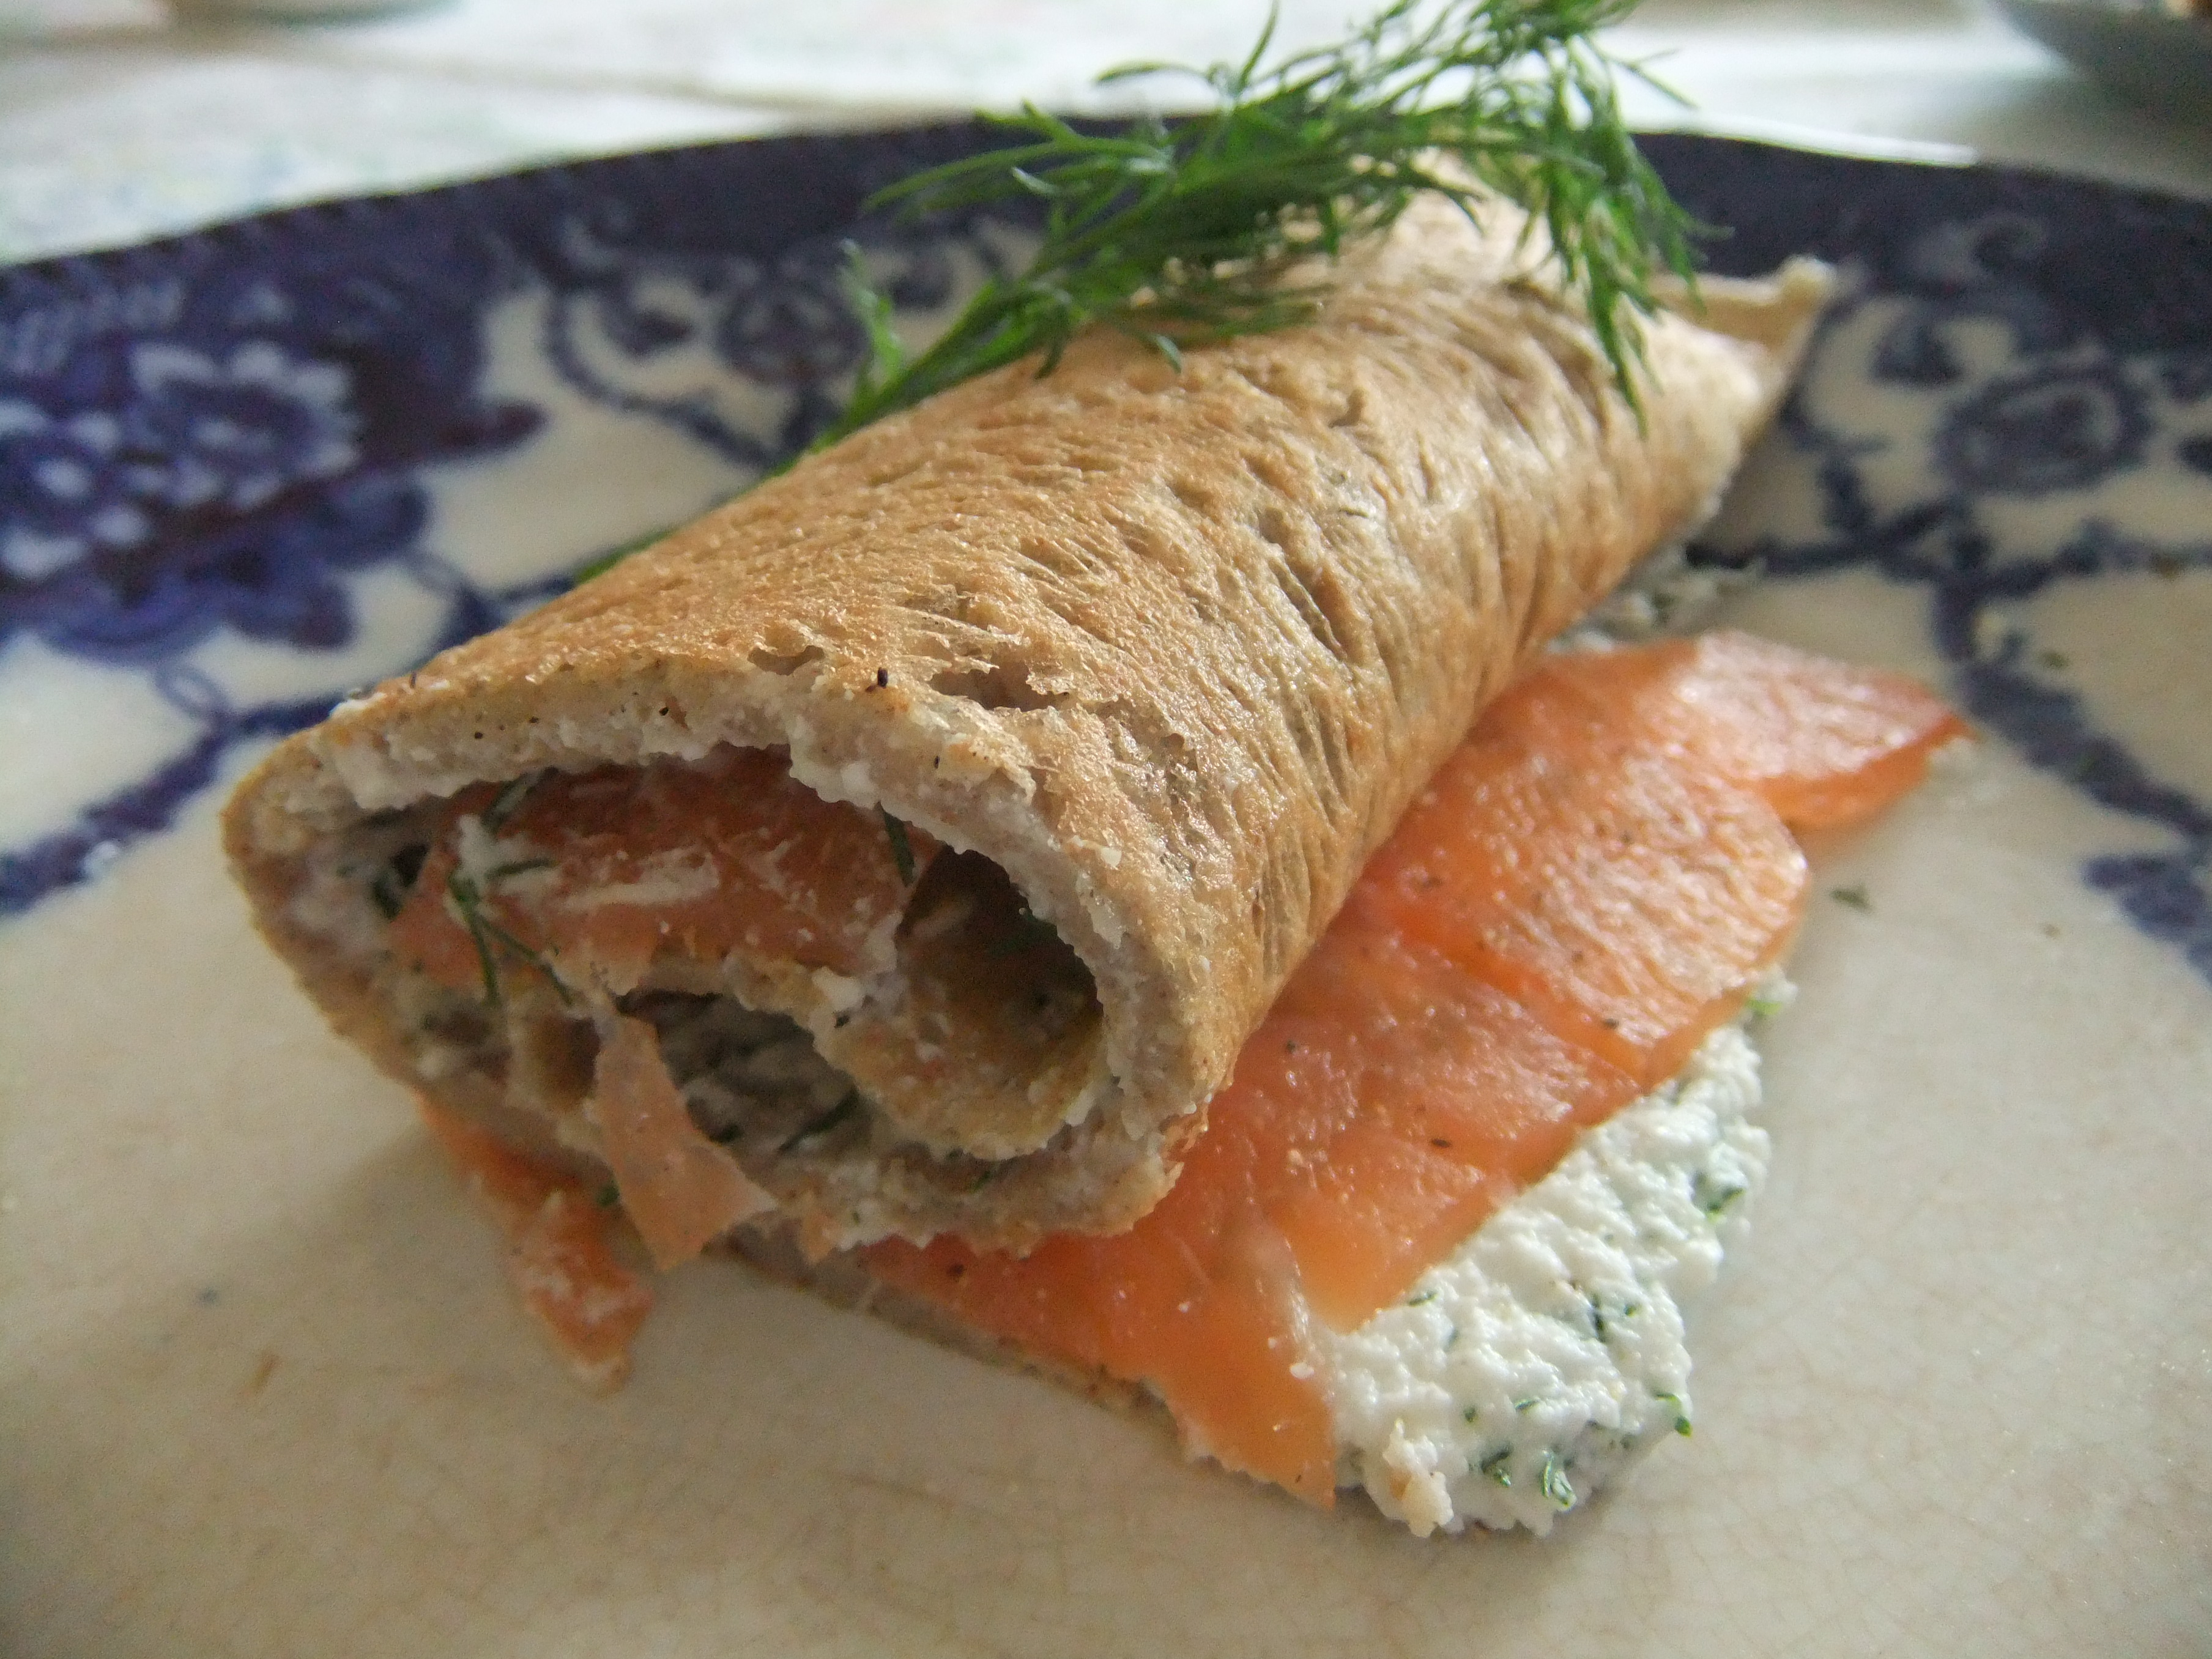 Buckwheat pancake with dill ricotta and smoked salmon